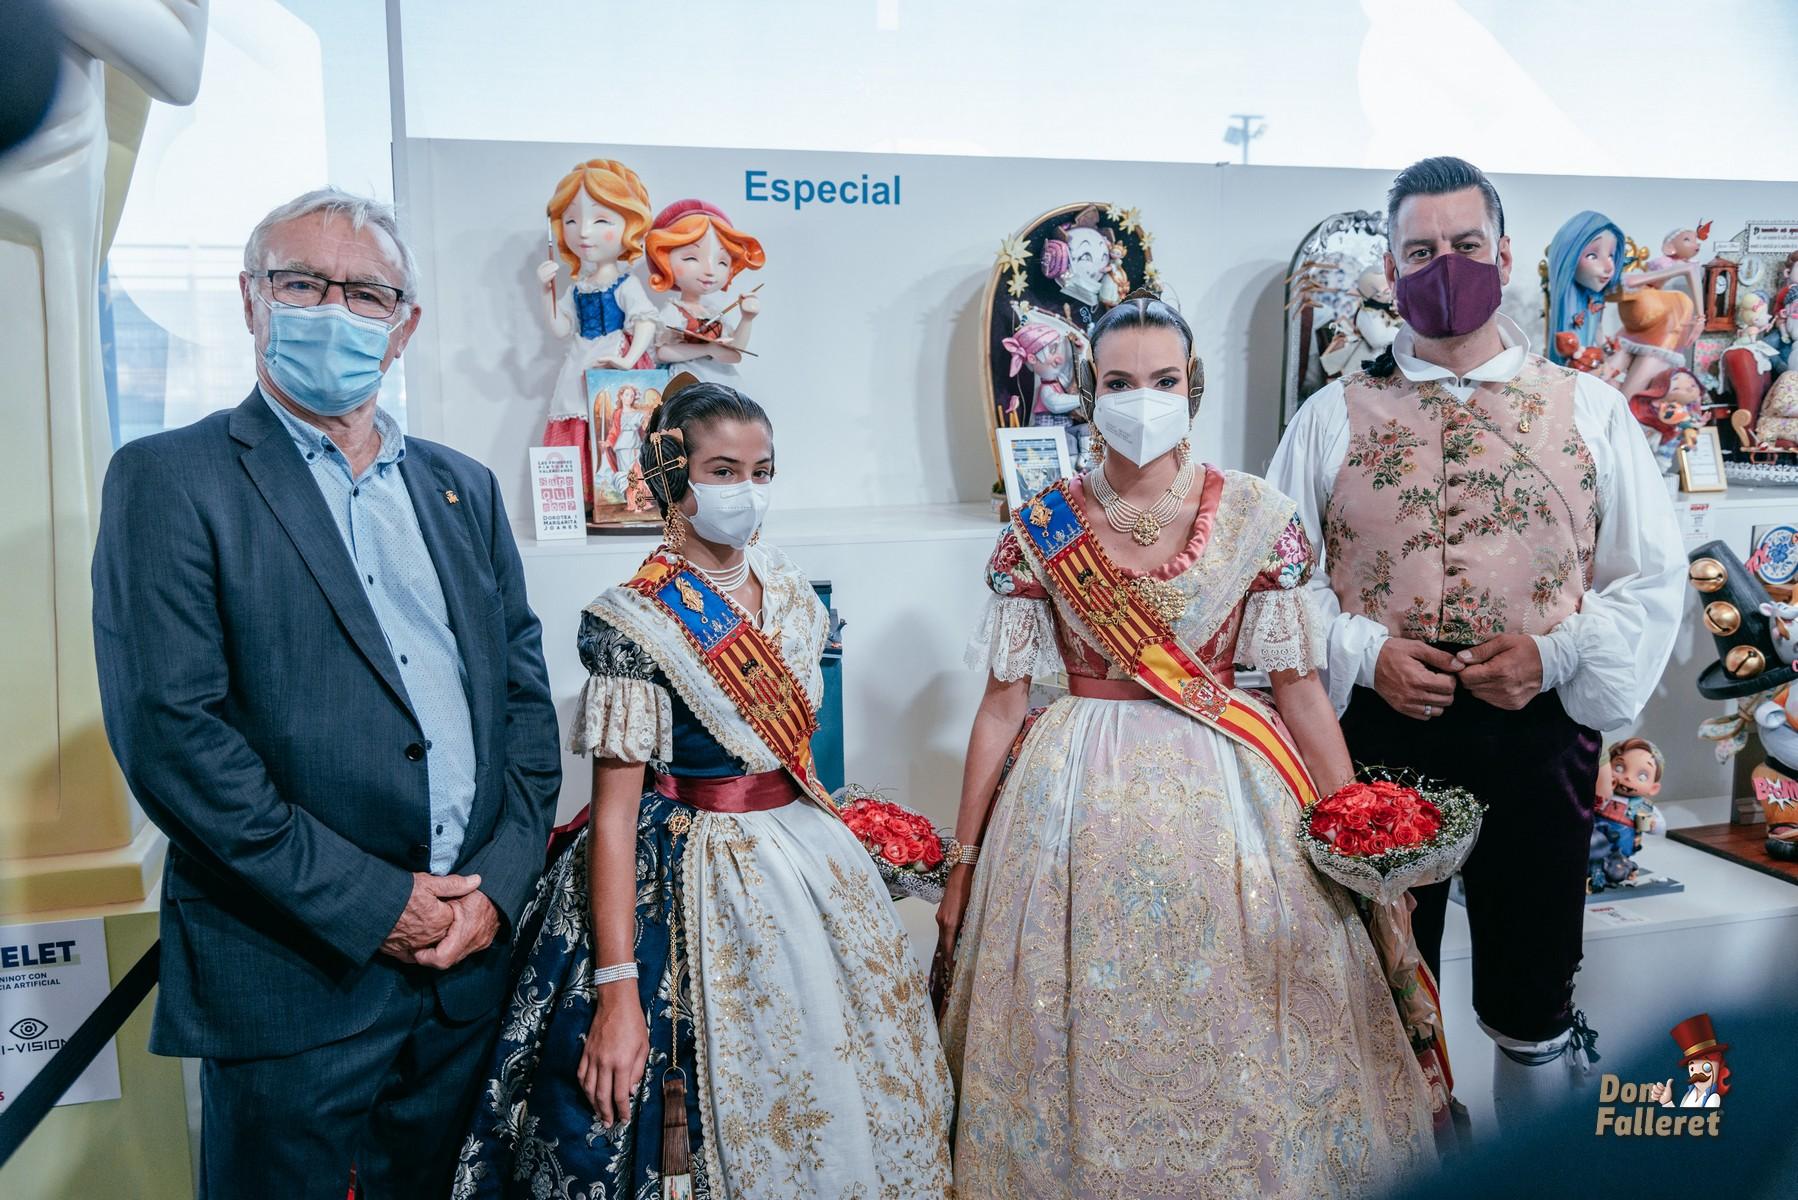 El Alcalde Joan Ribó junto a Carla García, Consuelo Llobell y Carlos Galiana Foto: Fran Adlert/Don Falleret